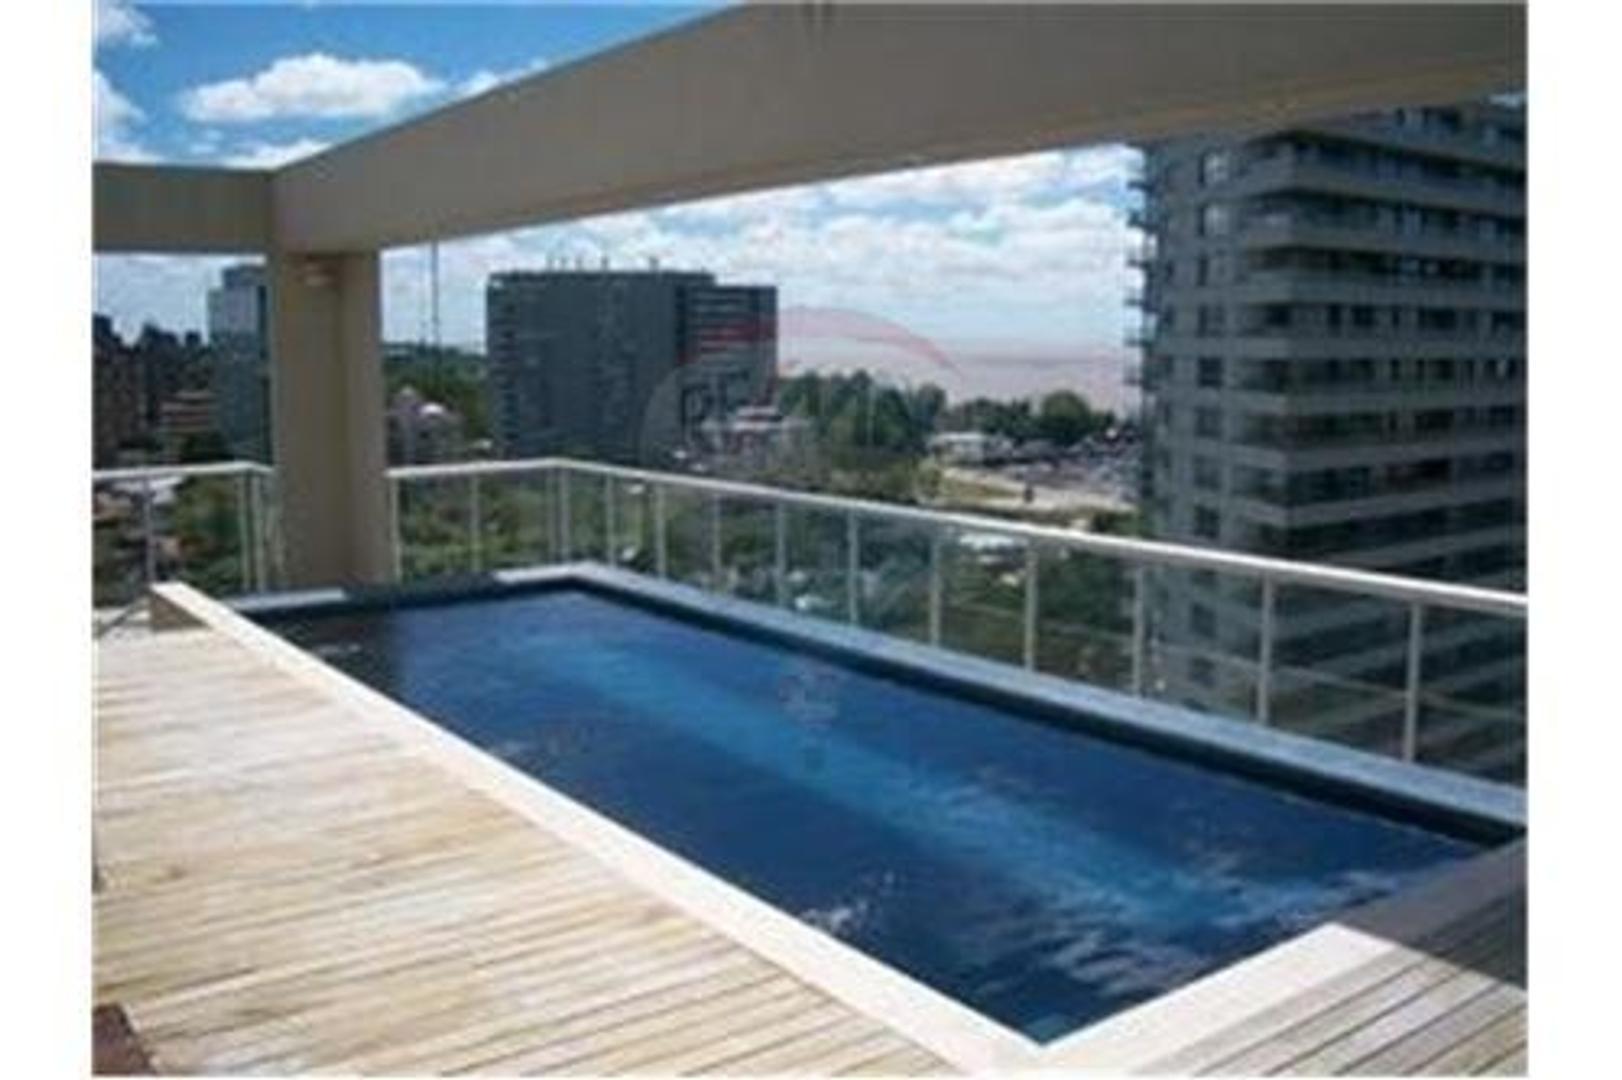 Departamento  3 ambientes en Venta en Olivos Puerto con vista al río